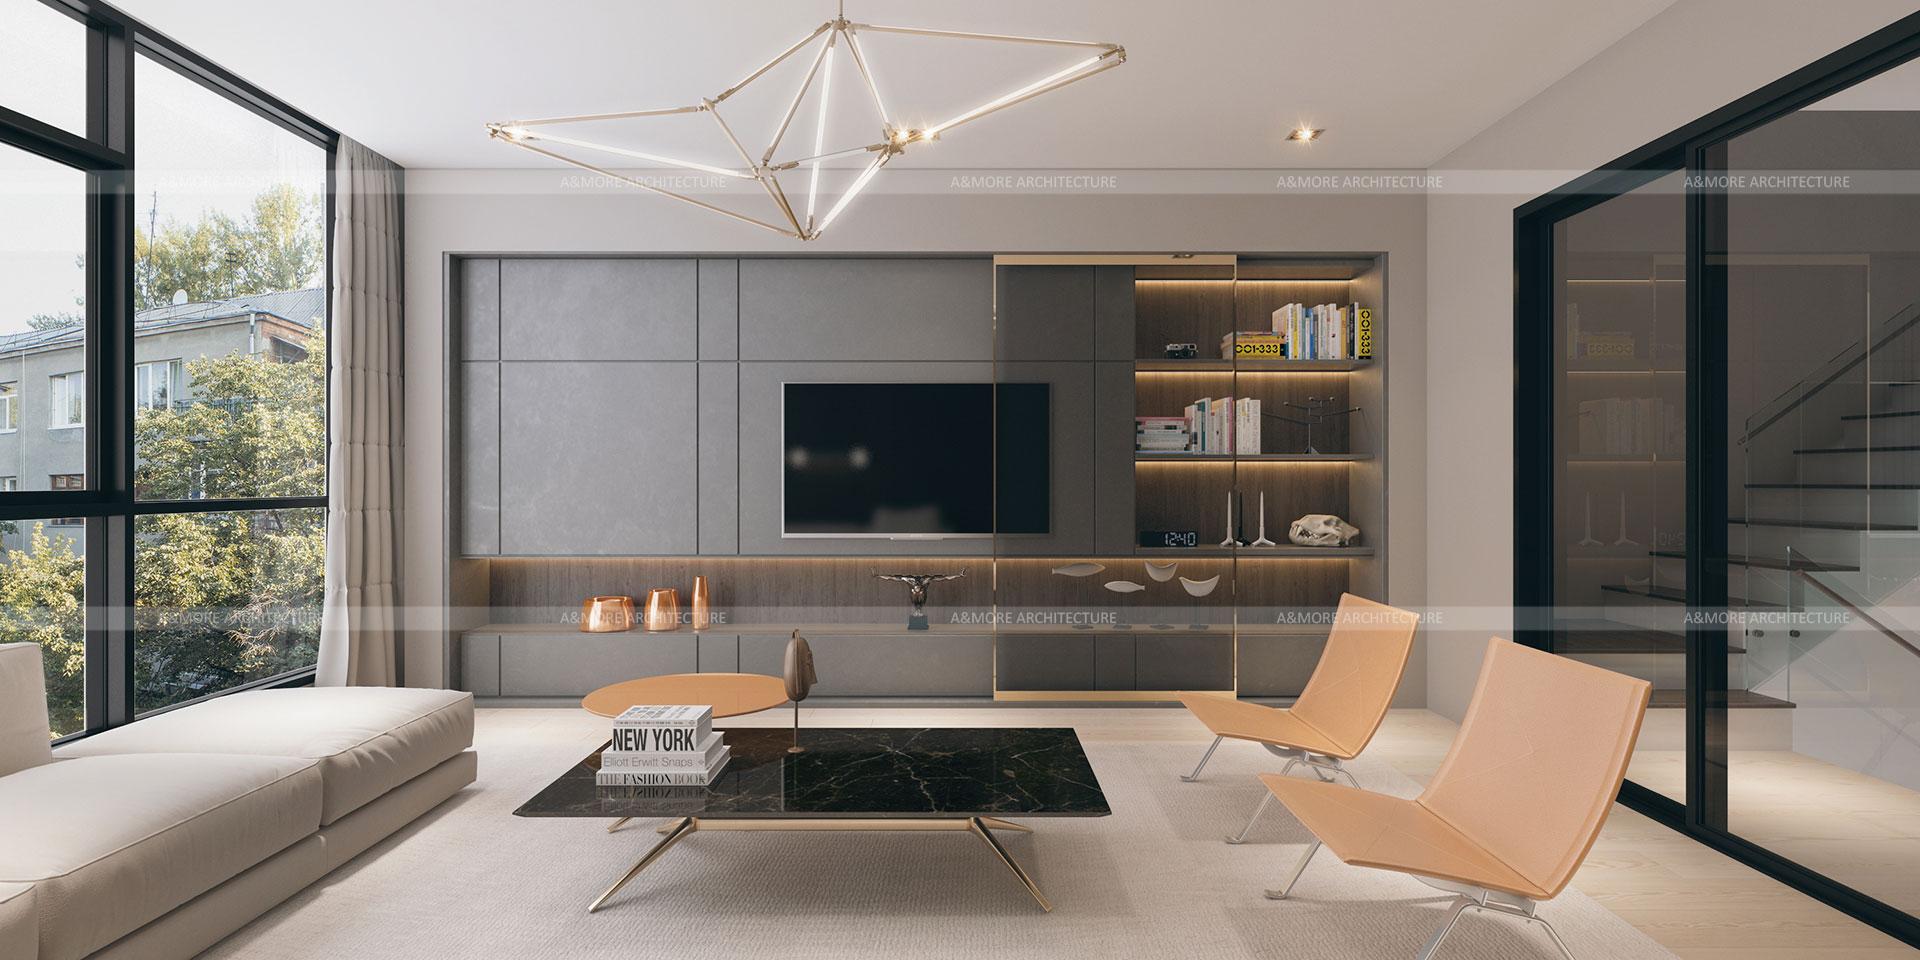 thiết kế nội thất nhà phố hiện đại 1